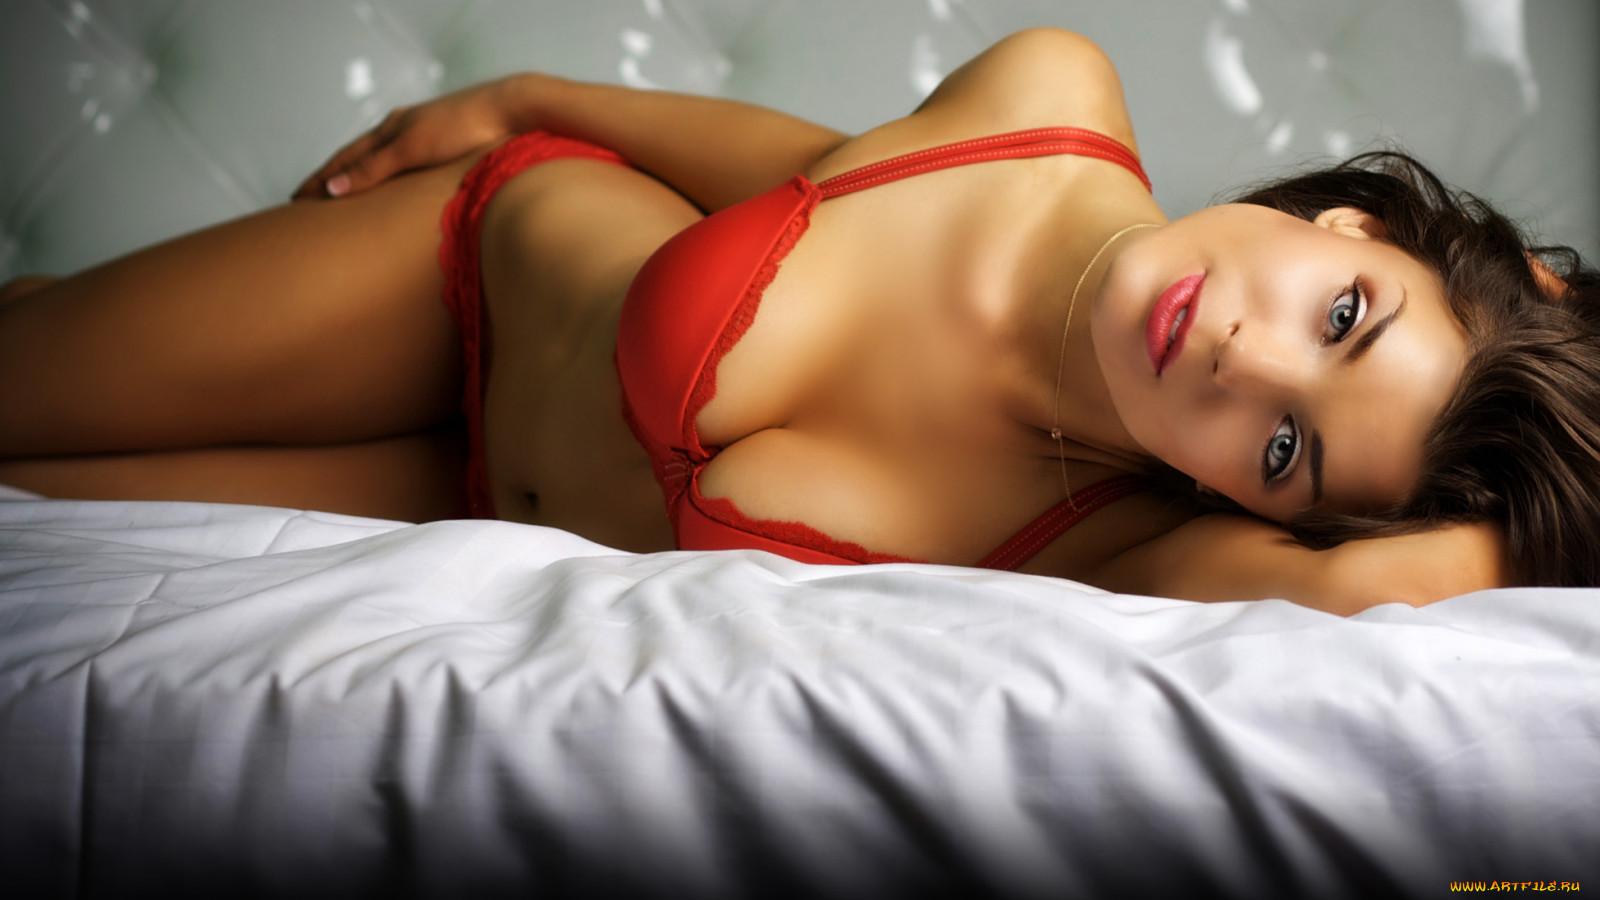 Сексуальные девушки фото hd